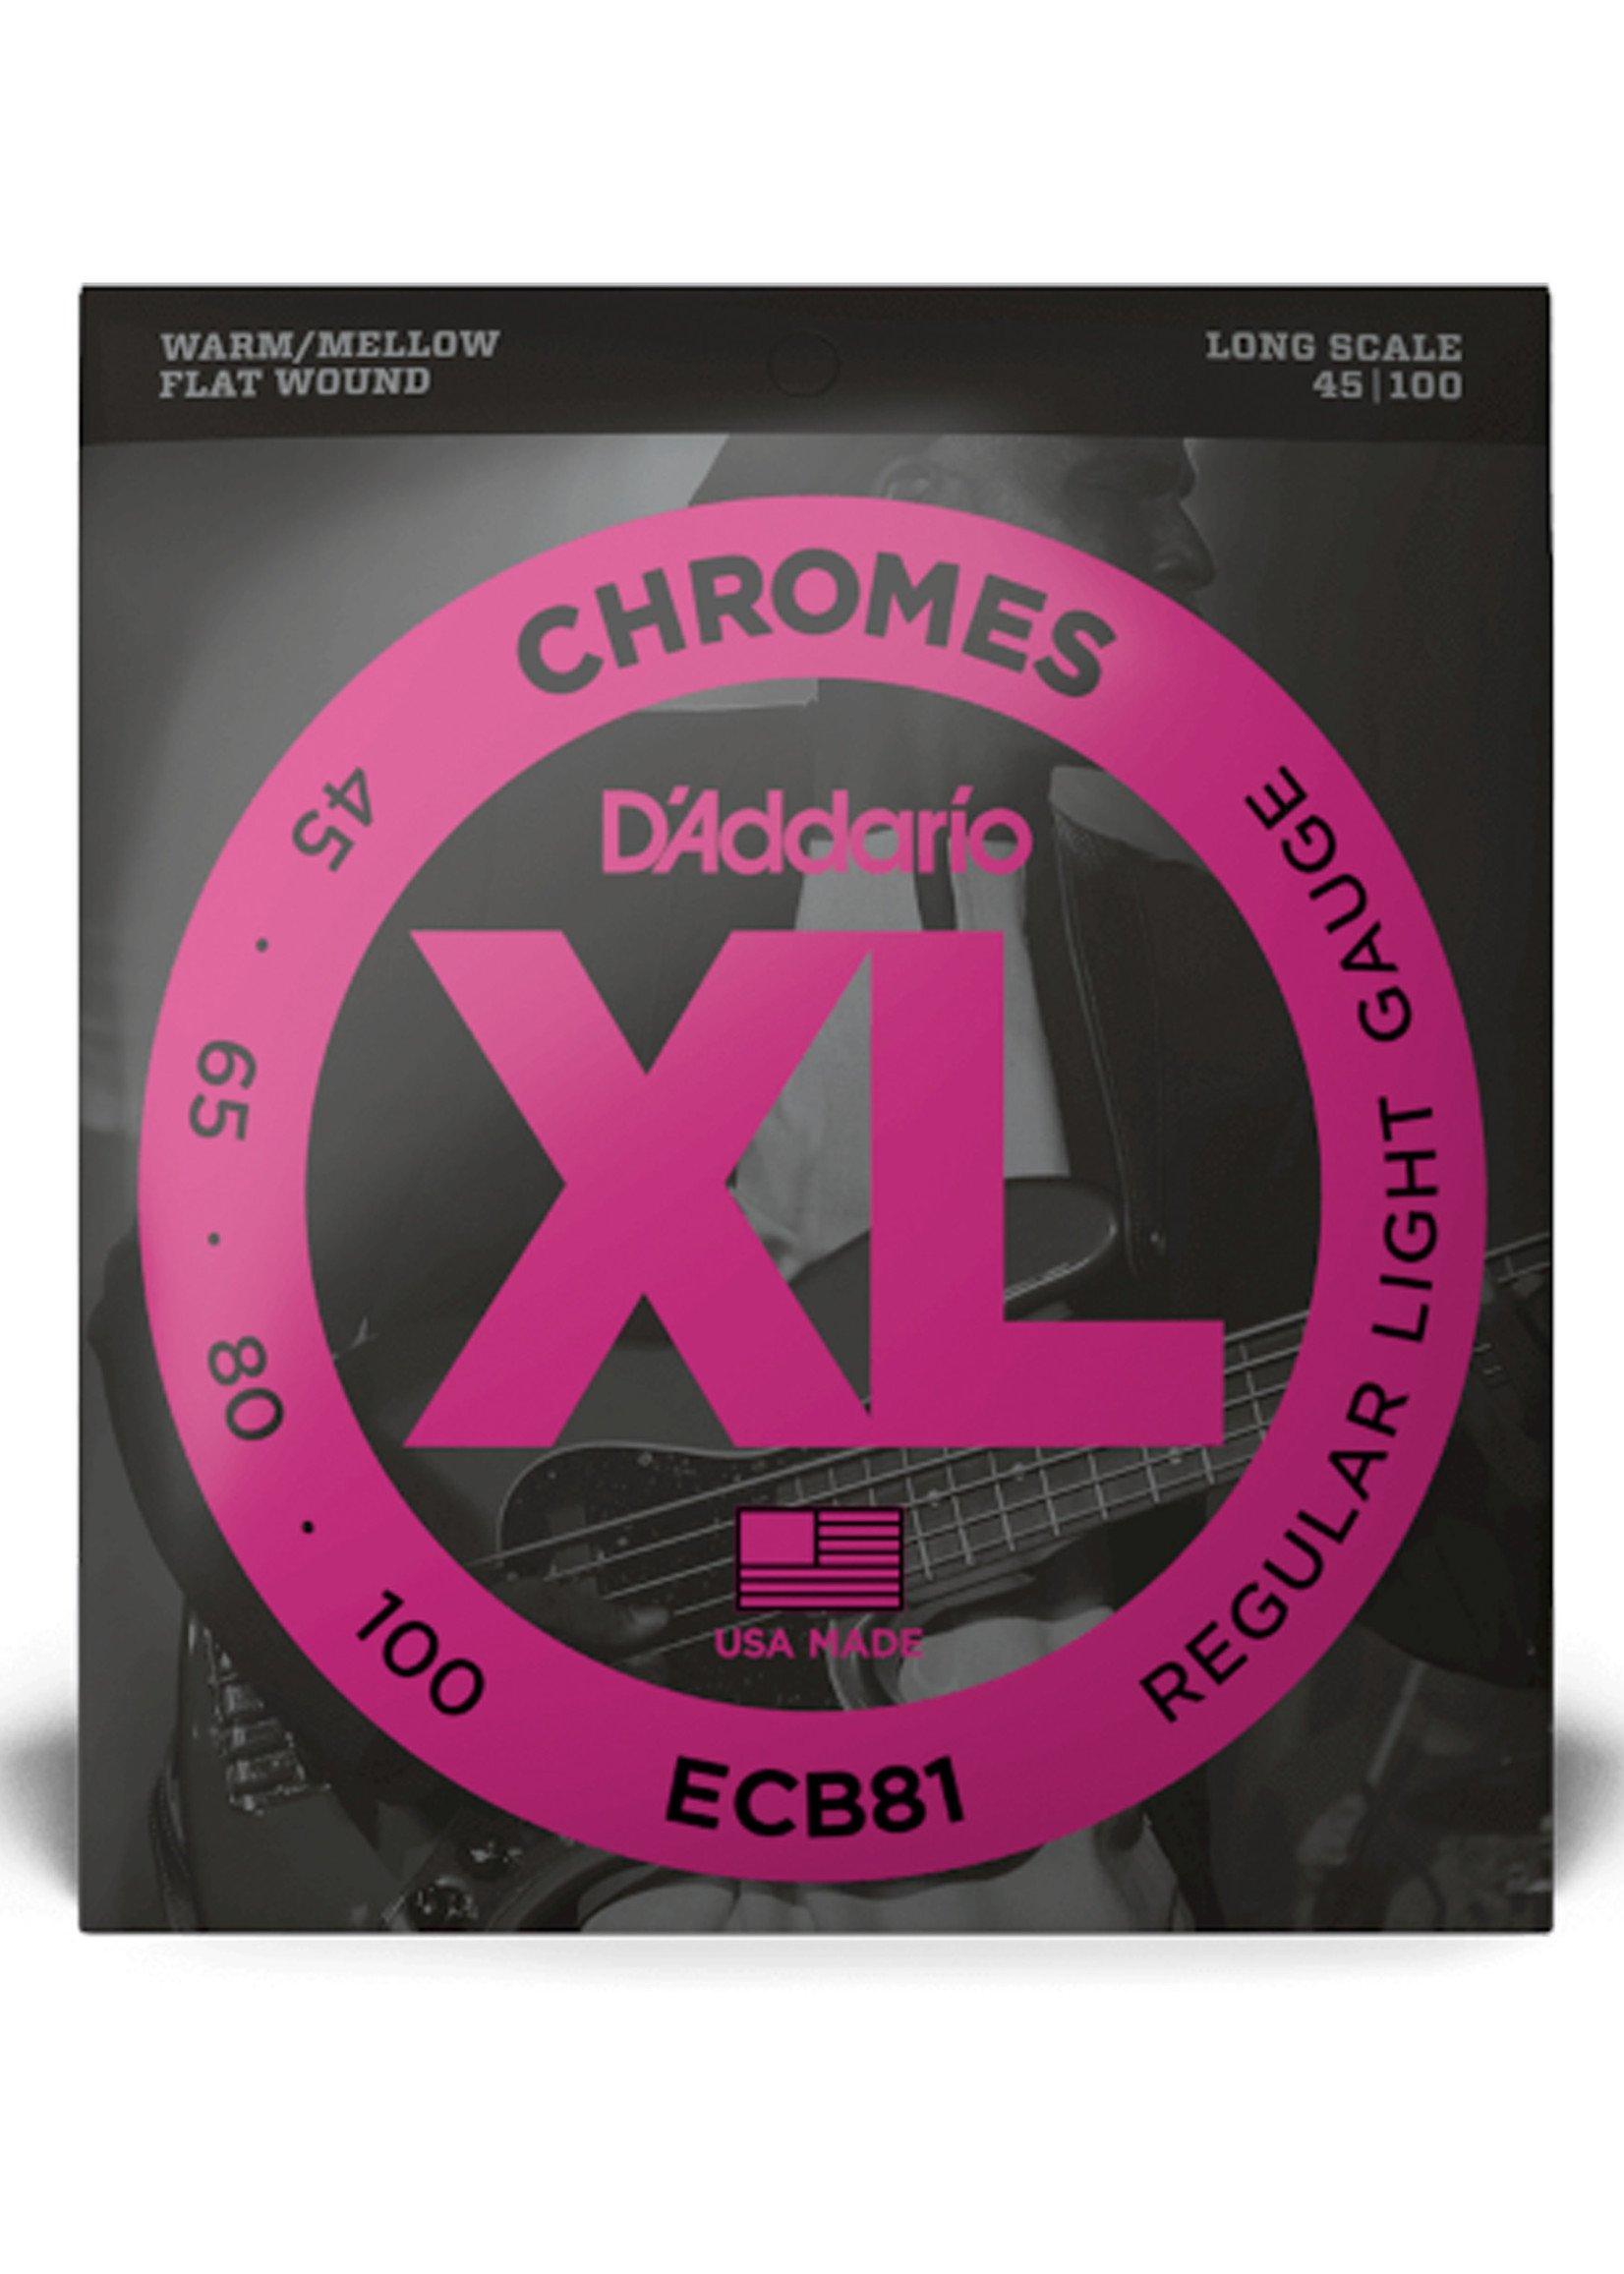 DAddario Fretted D'Addario ECB81 Chromes, 45-100